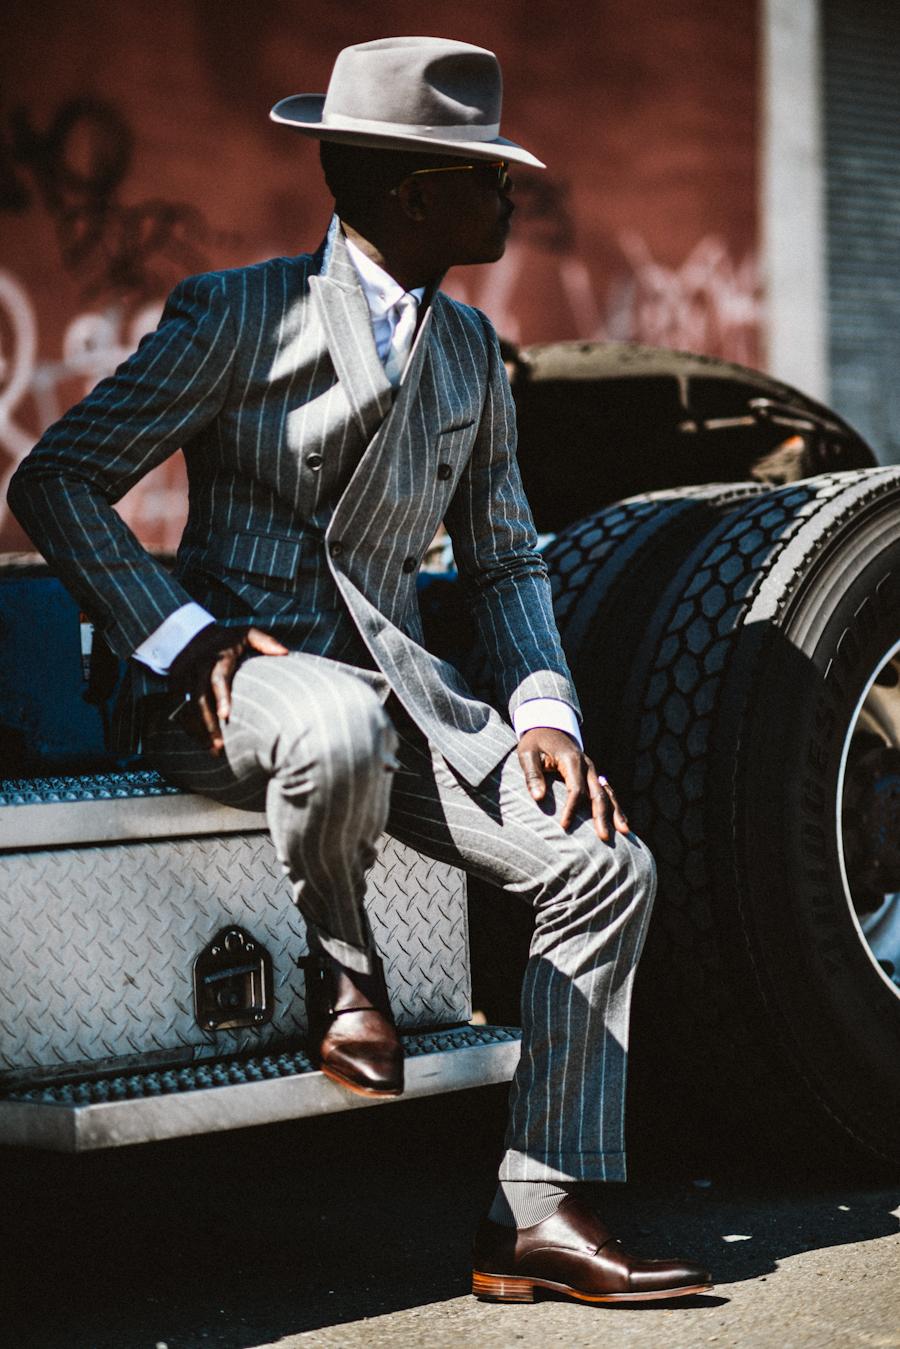 DapperLou-Reiss-London-Men's-Fashion-Blog-2014-6.jpg